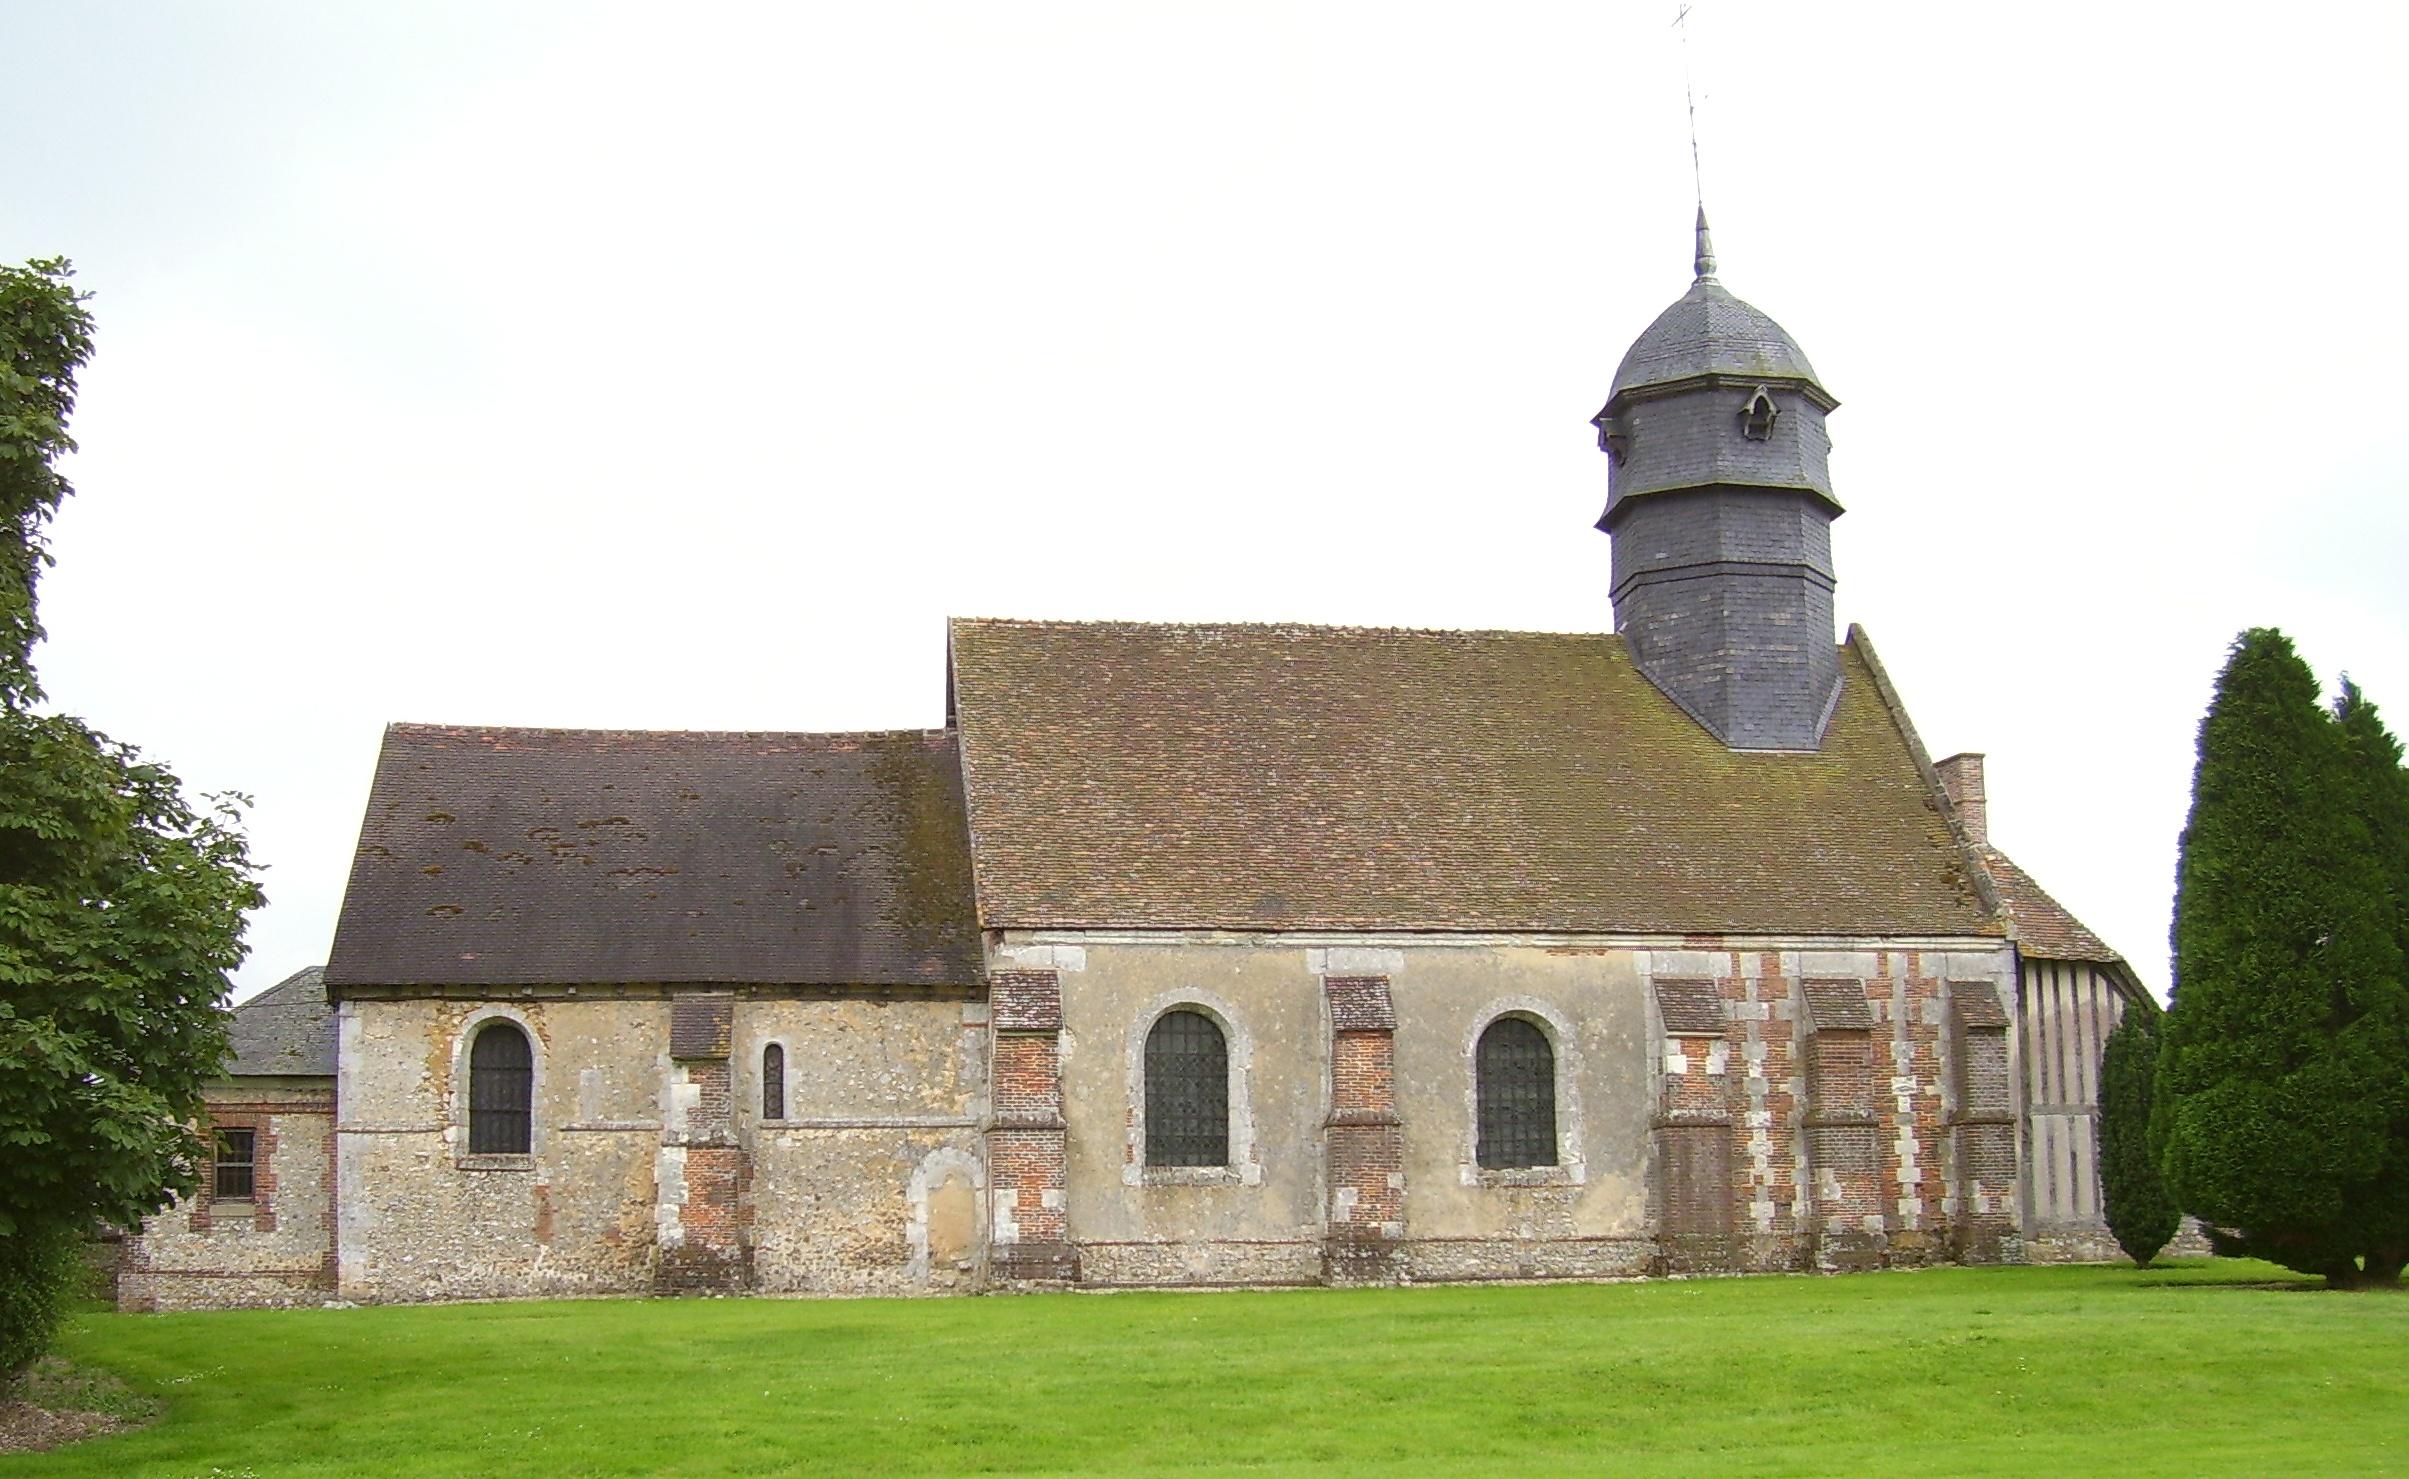 Église Saint-Cyr-Sainte-Juliette, eigenes Foto, Lizenz:public domain/gemeinfrei